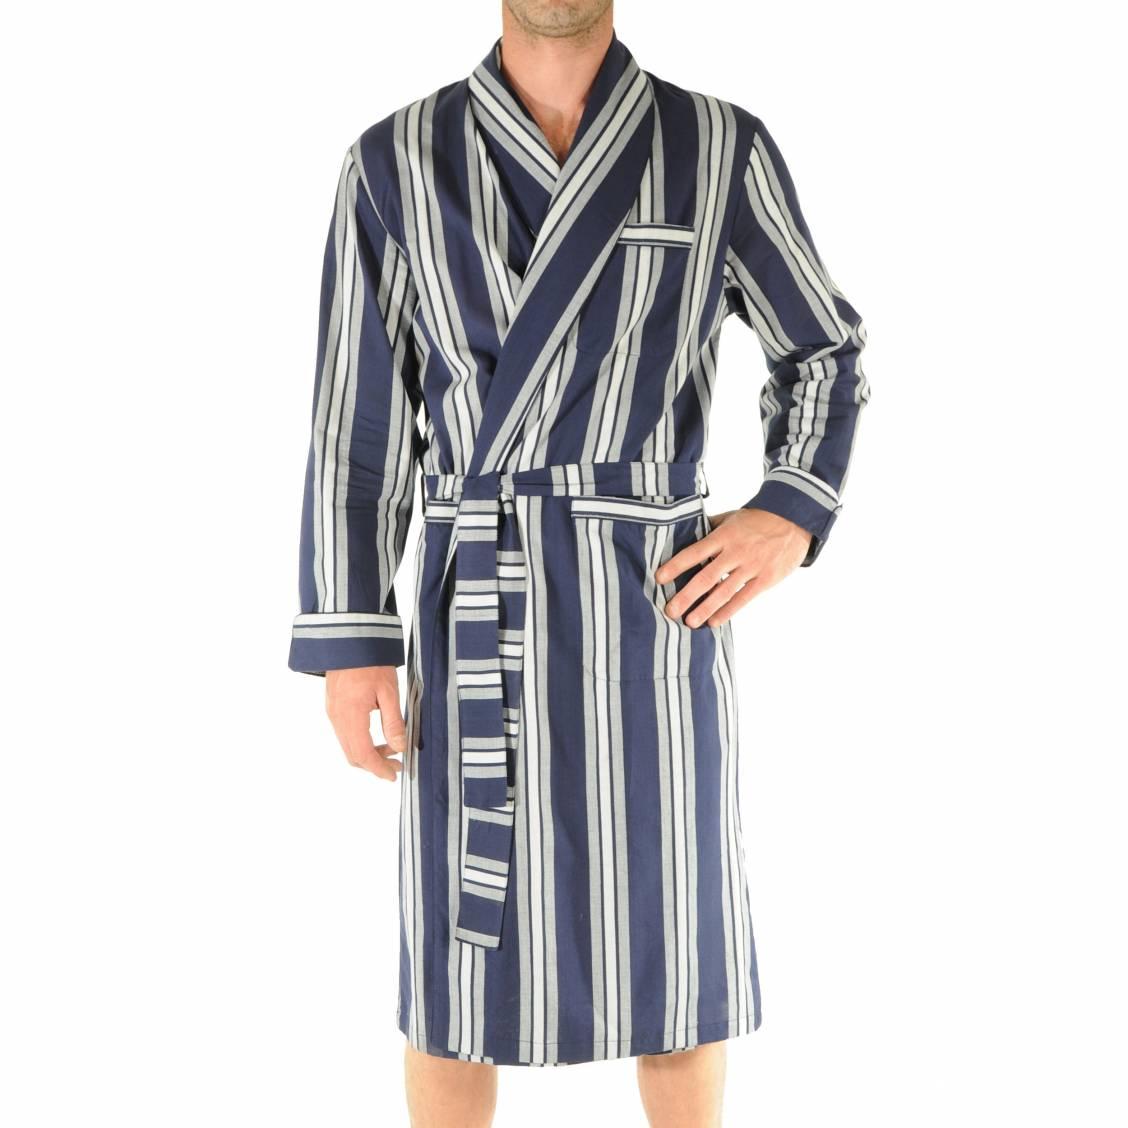 Tuto robe de chambre homme - Robes de chambre de marque ...